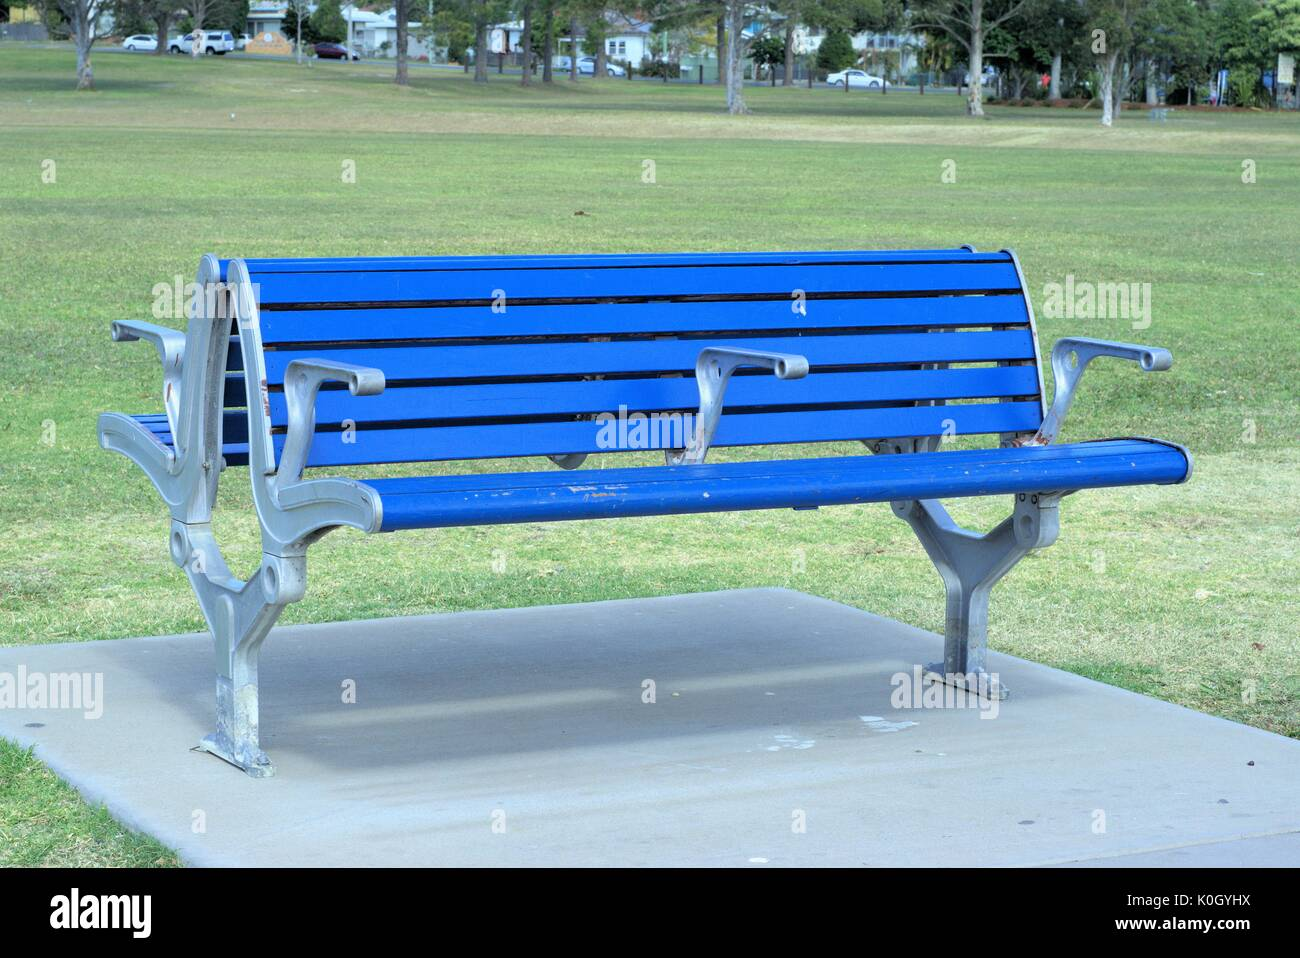 Vuoto azzurro banco. Due panche nel parco. Immagini Stock